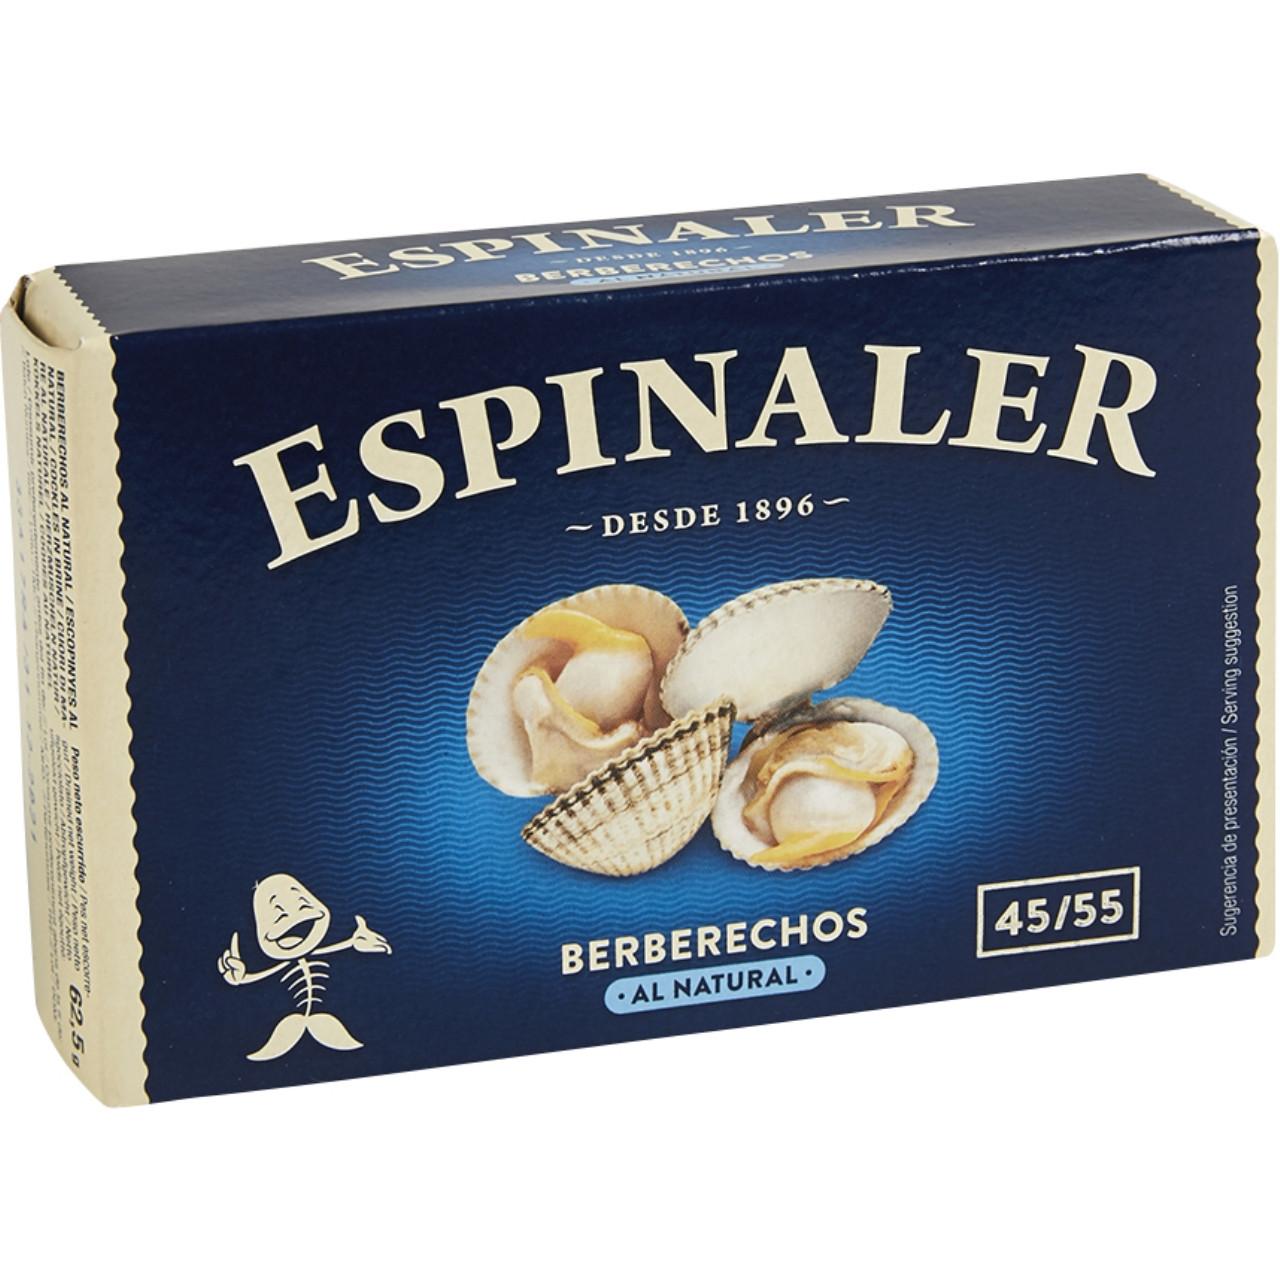 Espinaler-escopinyes ol120 45/55